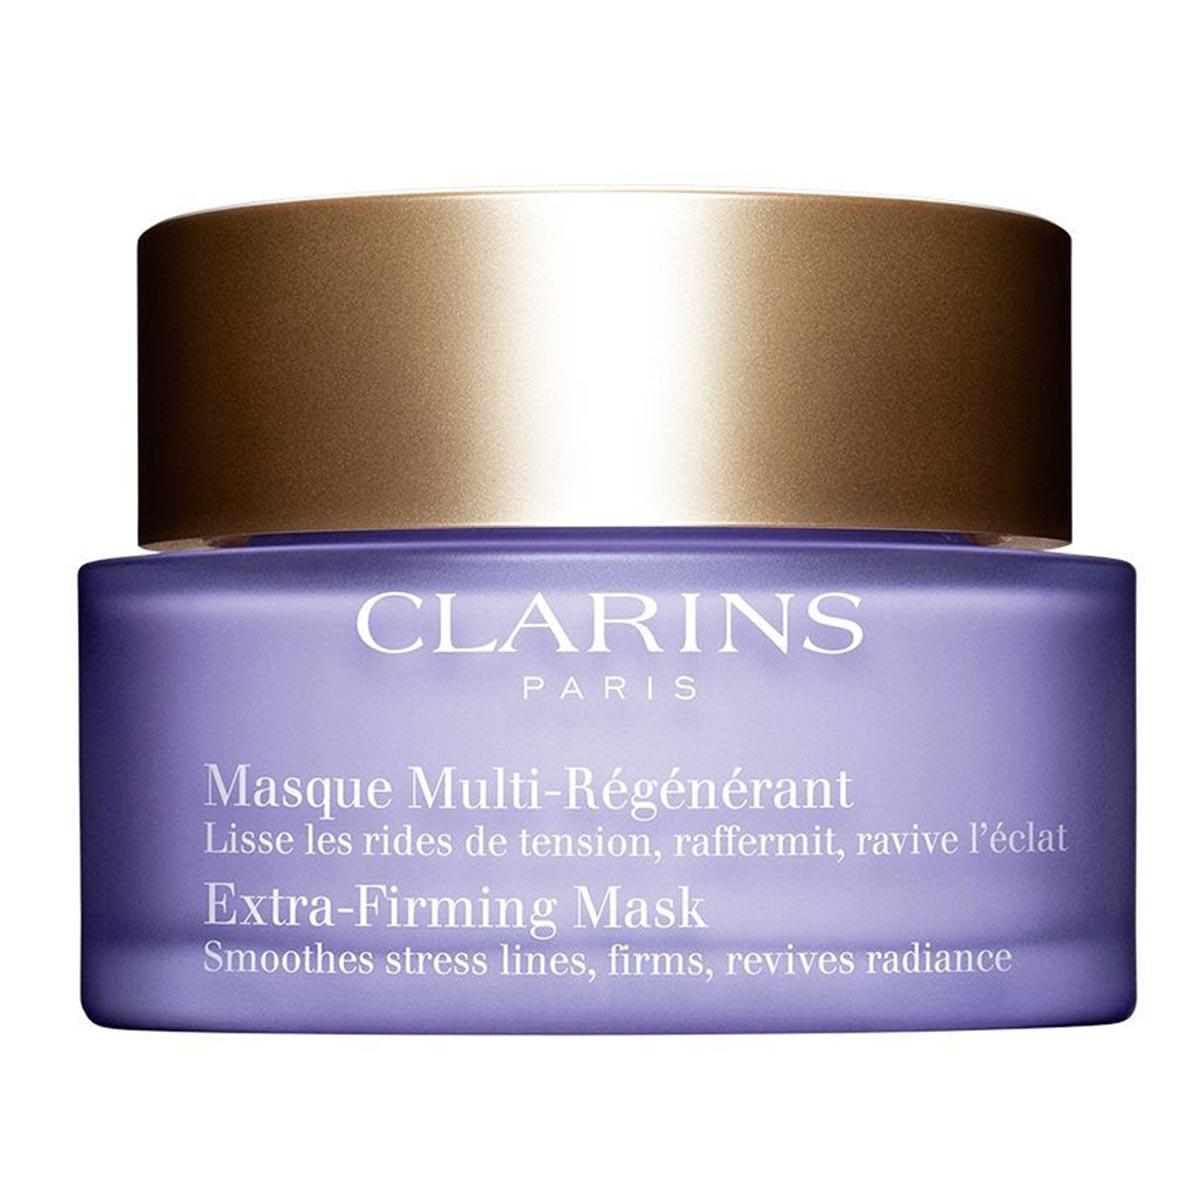 Clarins masque multi regenerant 75ml